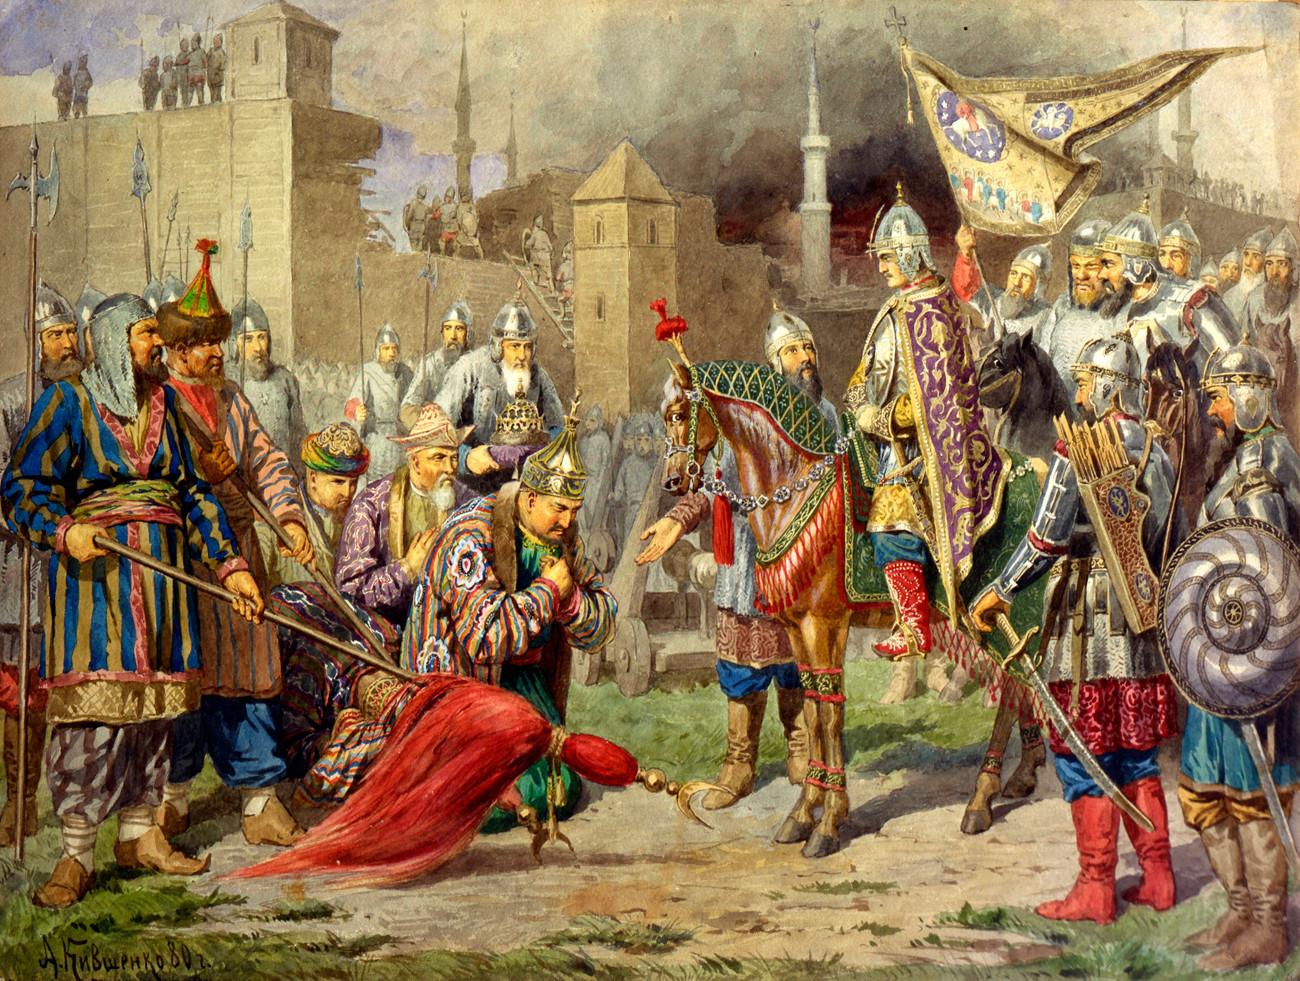 Zar Iwan IV. erobert 1552 das tatarische Chanat Kasan. Gemälde von Alexej Kiwschenko aus dem Jahr 1880.